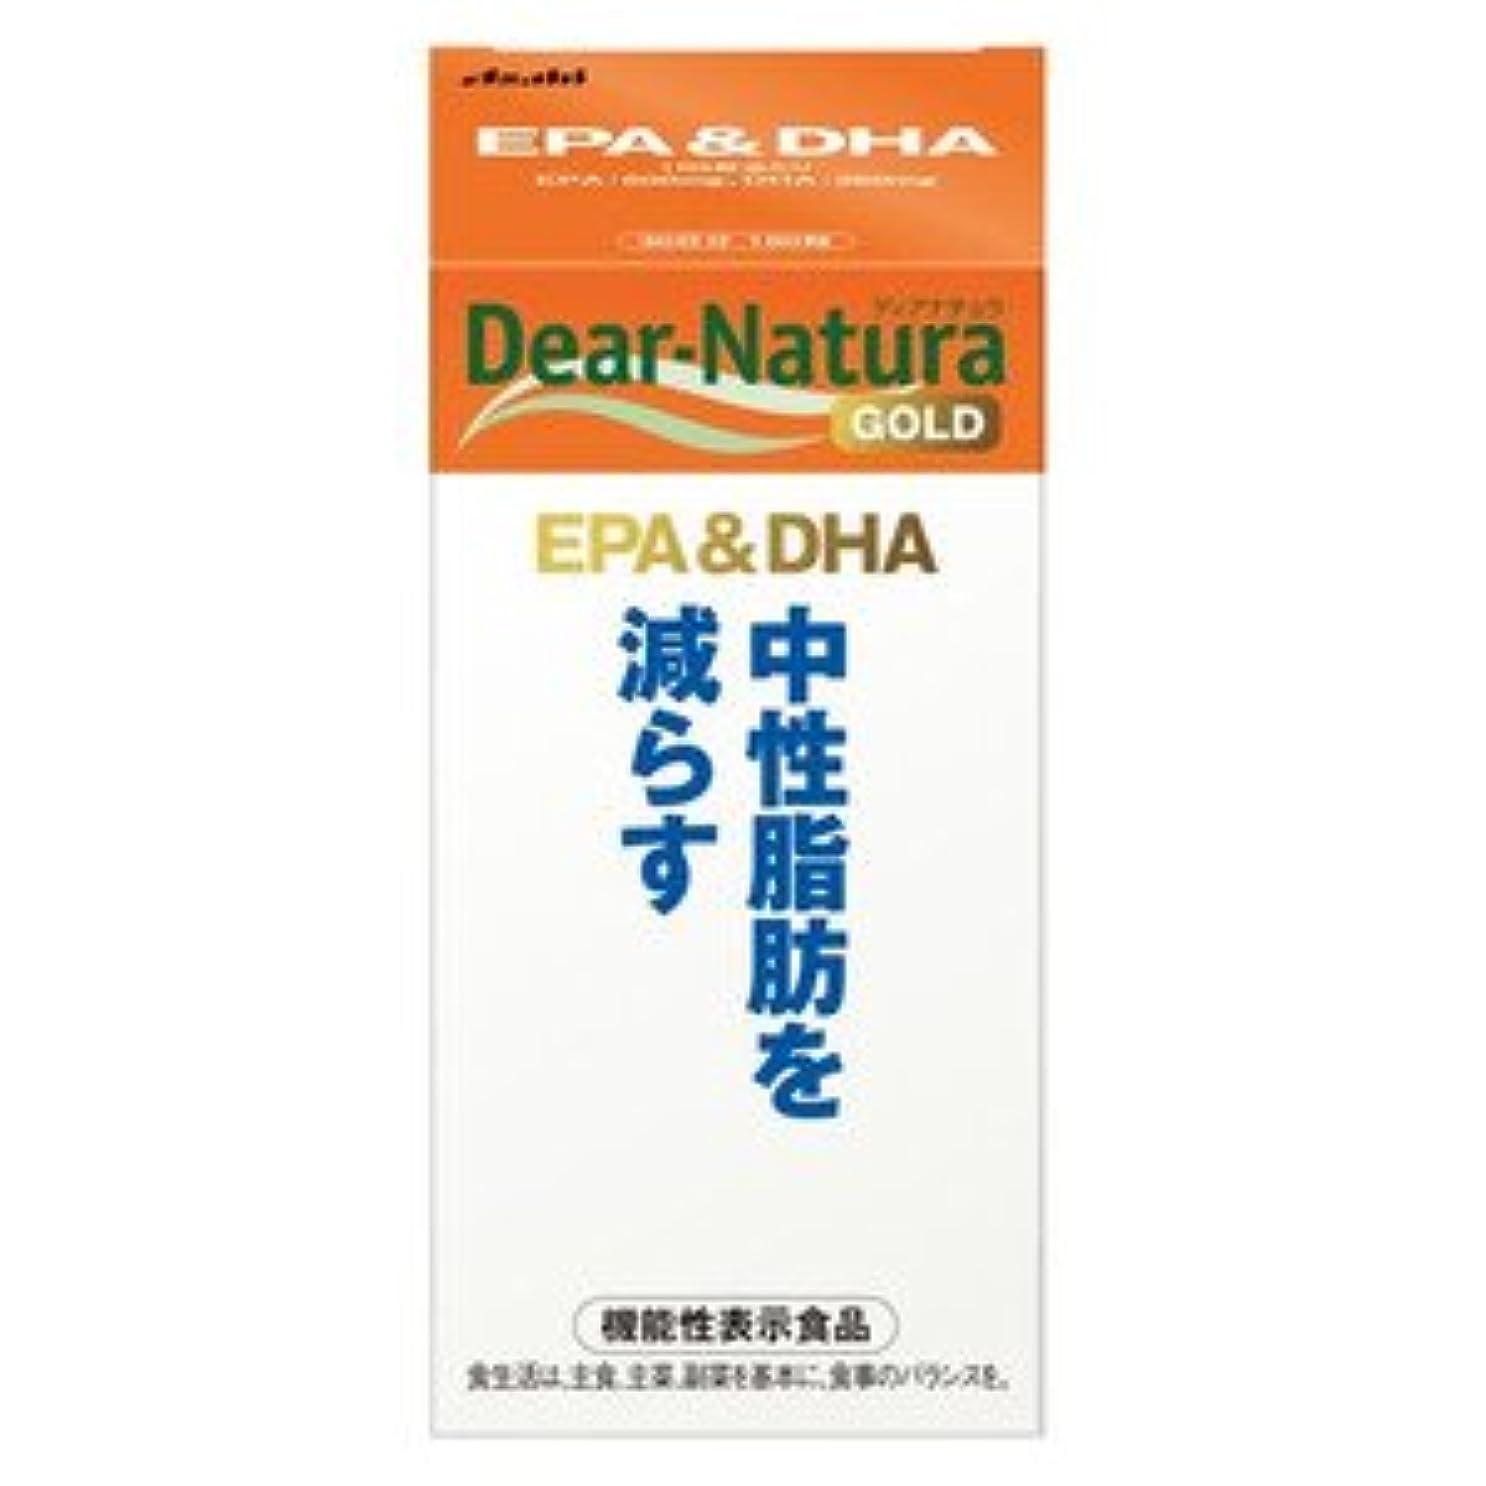 イブセンチメートル貸し手(アサヒフード&ヘルスケア)ディアナチュラゴールド EPA&DHA 30日分 180粒(お買い得3個セット)